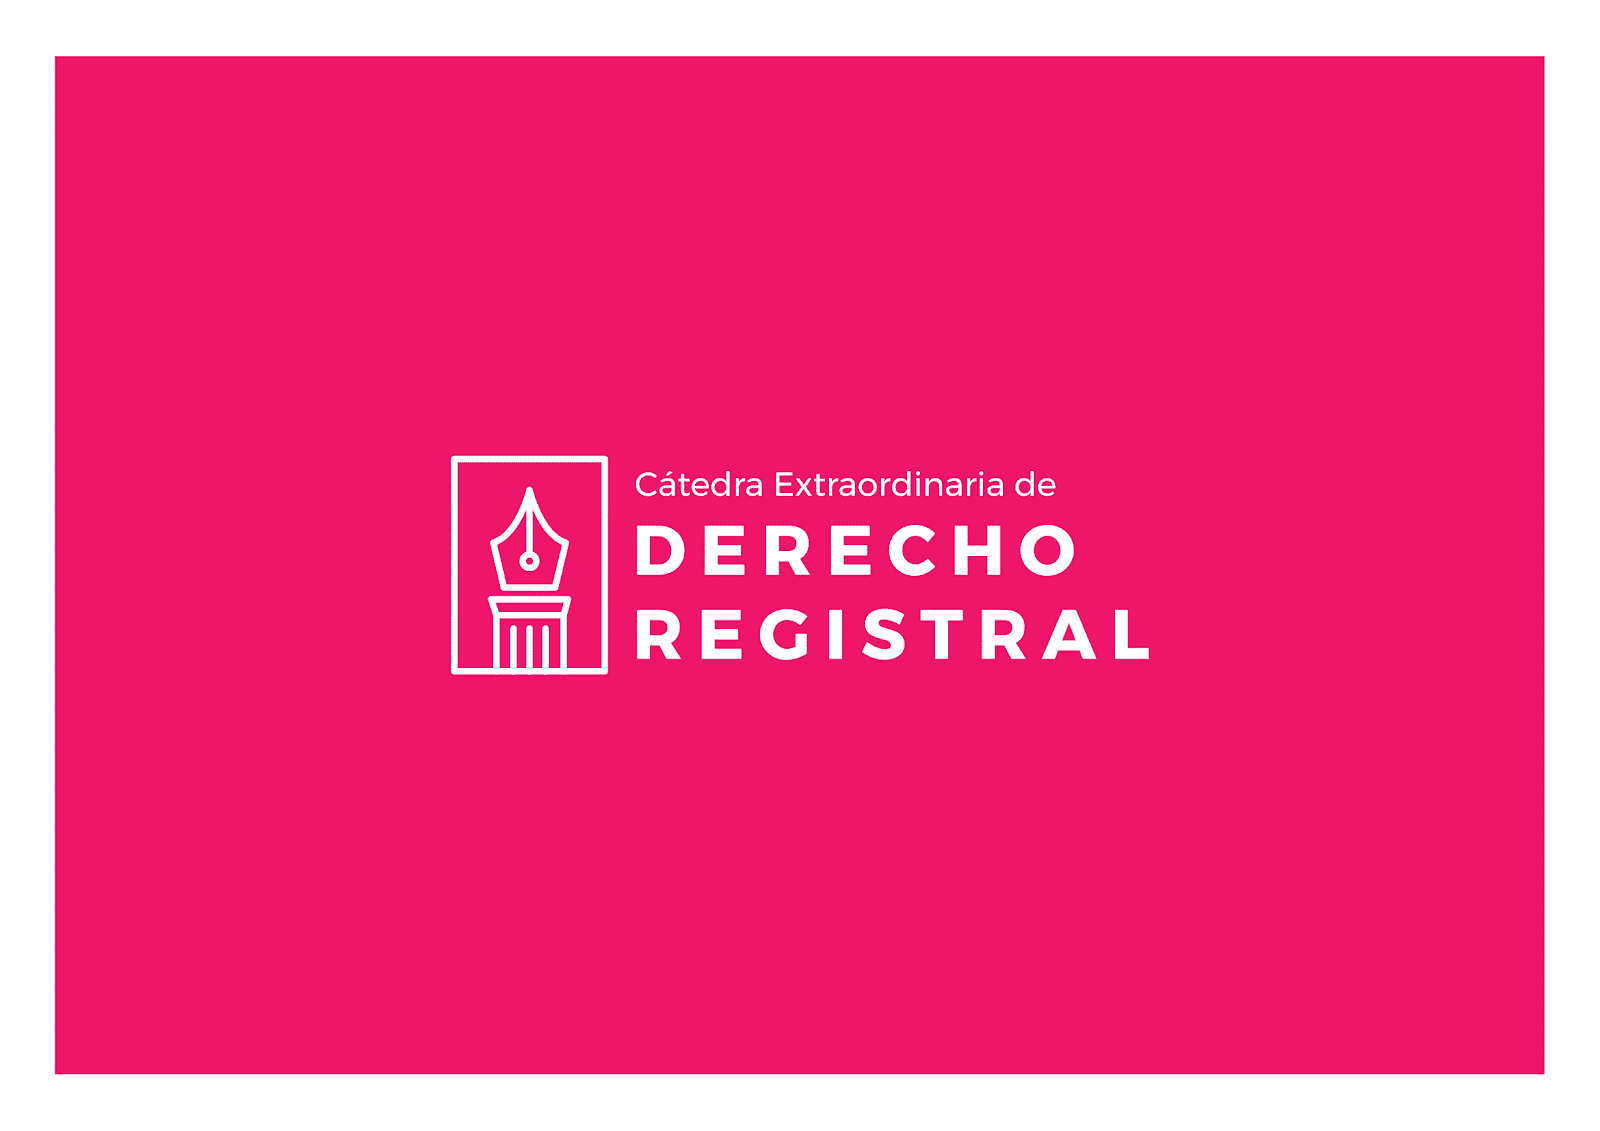 CATEDRA EXTRAORDINARIA DE DERECHO REGISTRAL